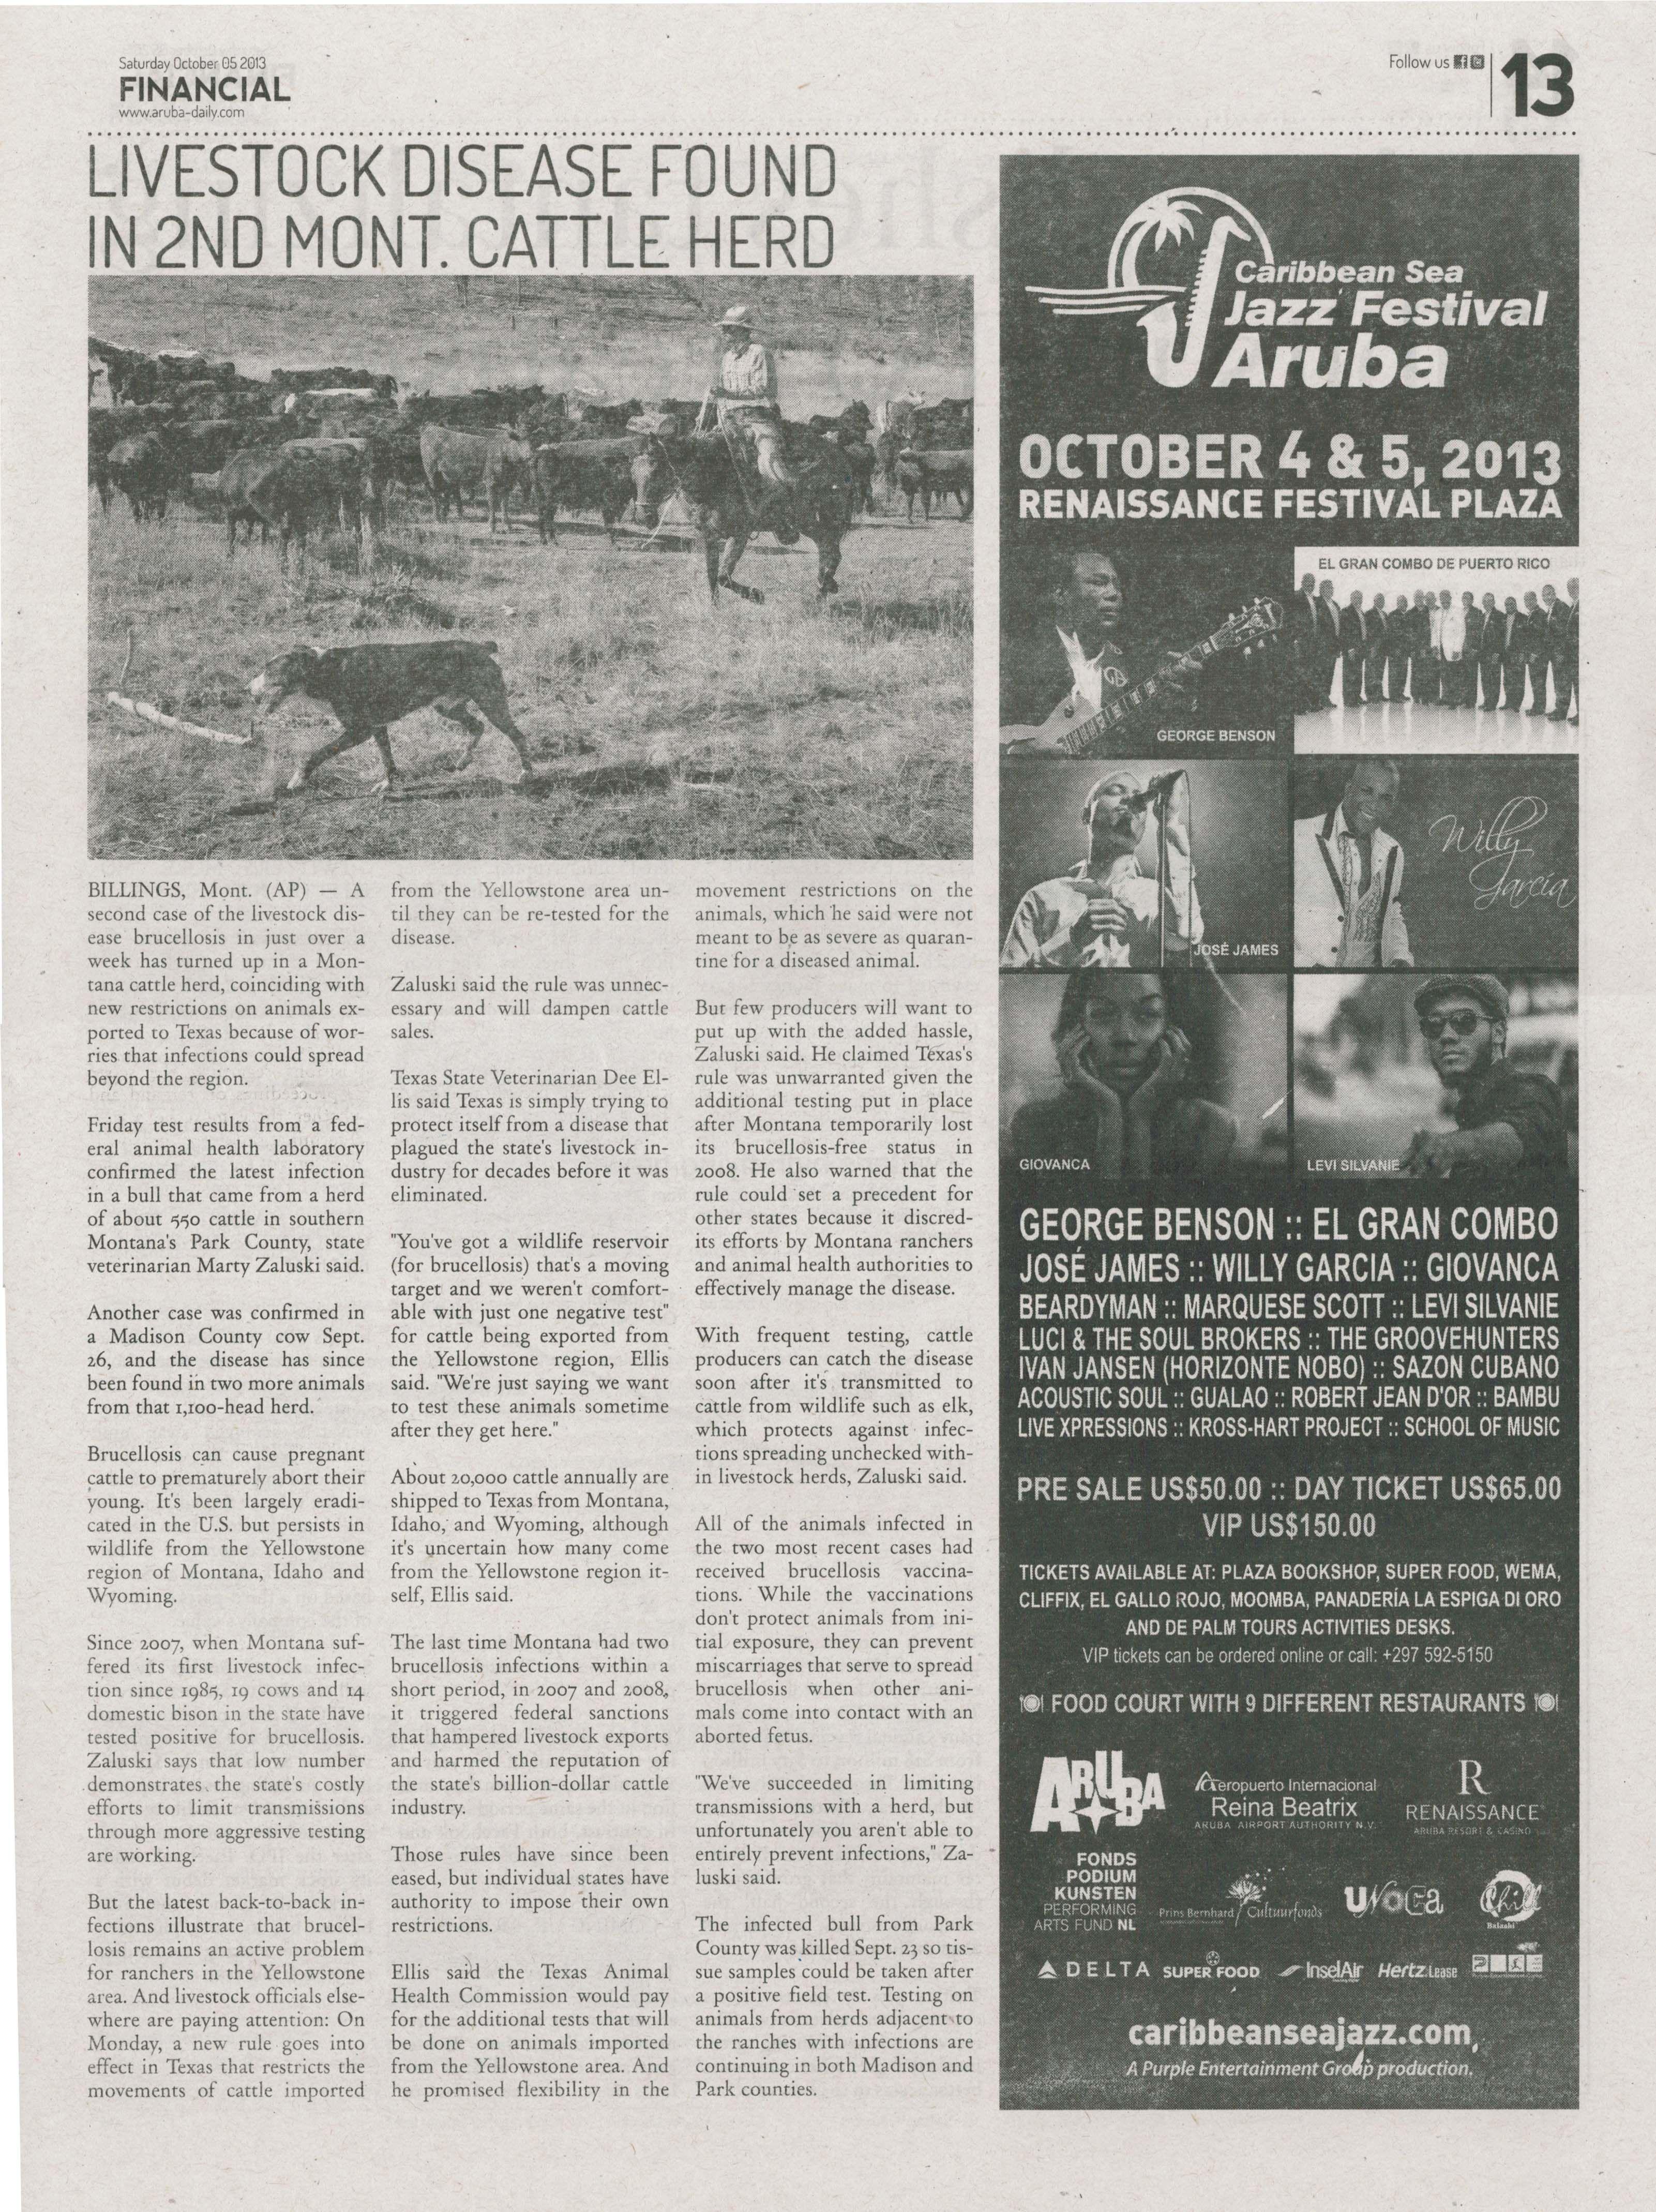 Promoción del festival periódico 'Financial' de Aruba - 5 de octubre (segundo día del festival).